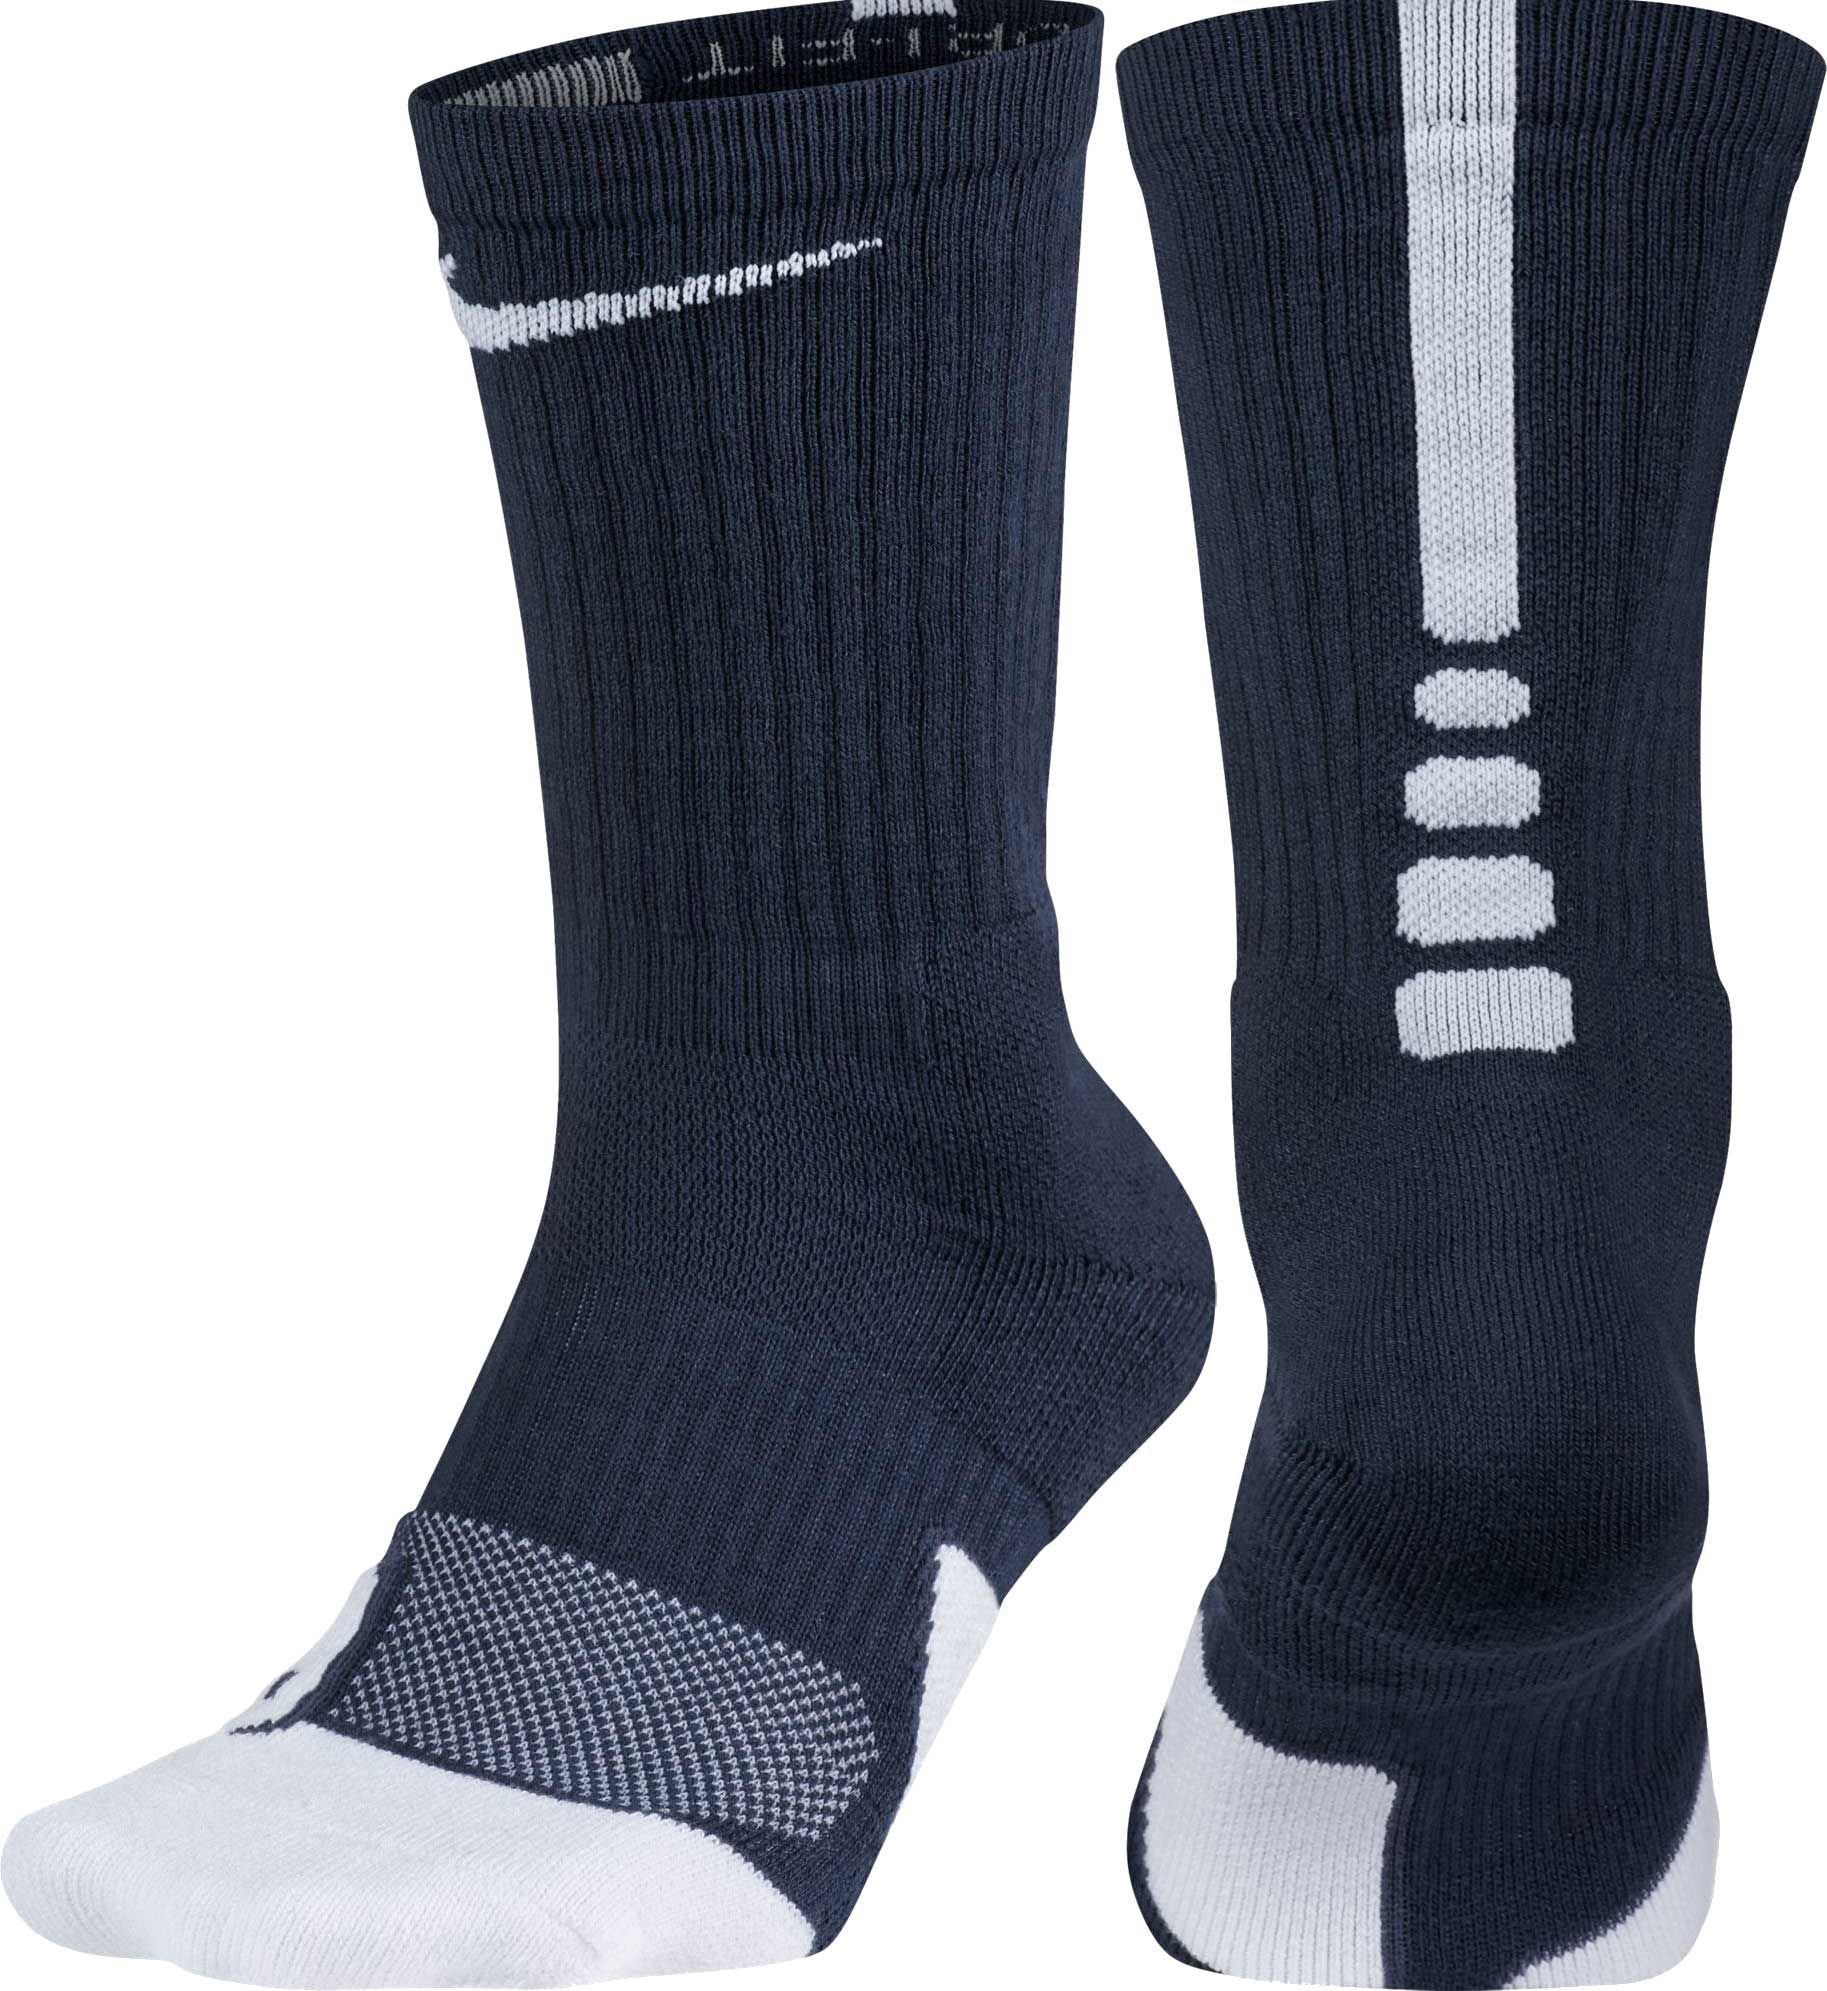 Nike De Baloncesto De Élite Calcetines De La Tripulación De Ropa De Cama En Blanco Y Negro X5pOnN